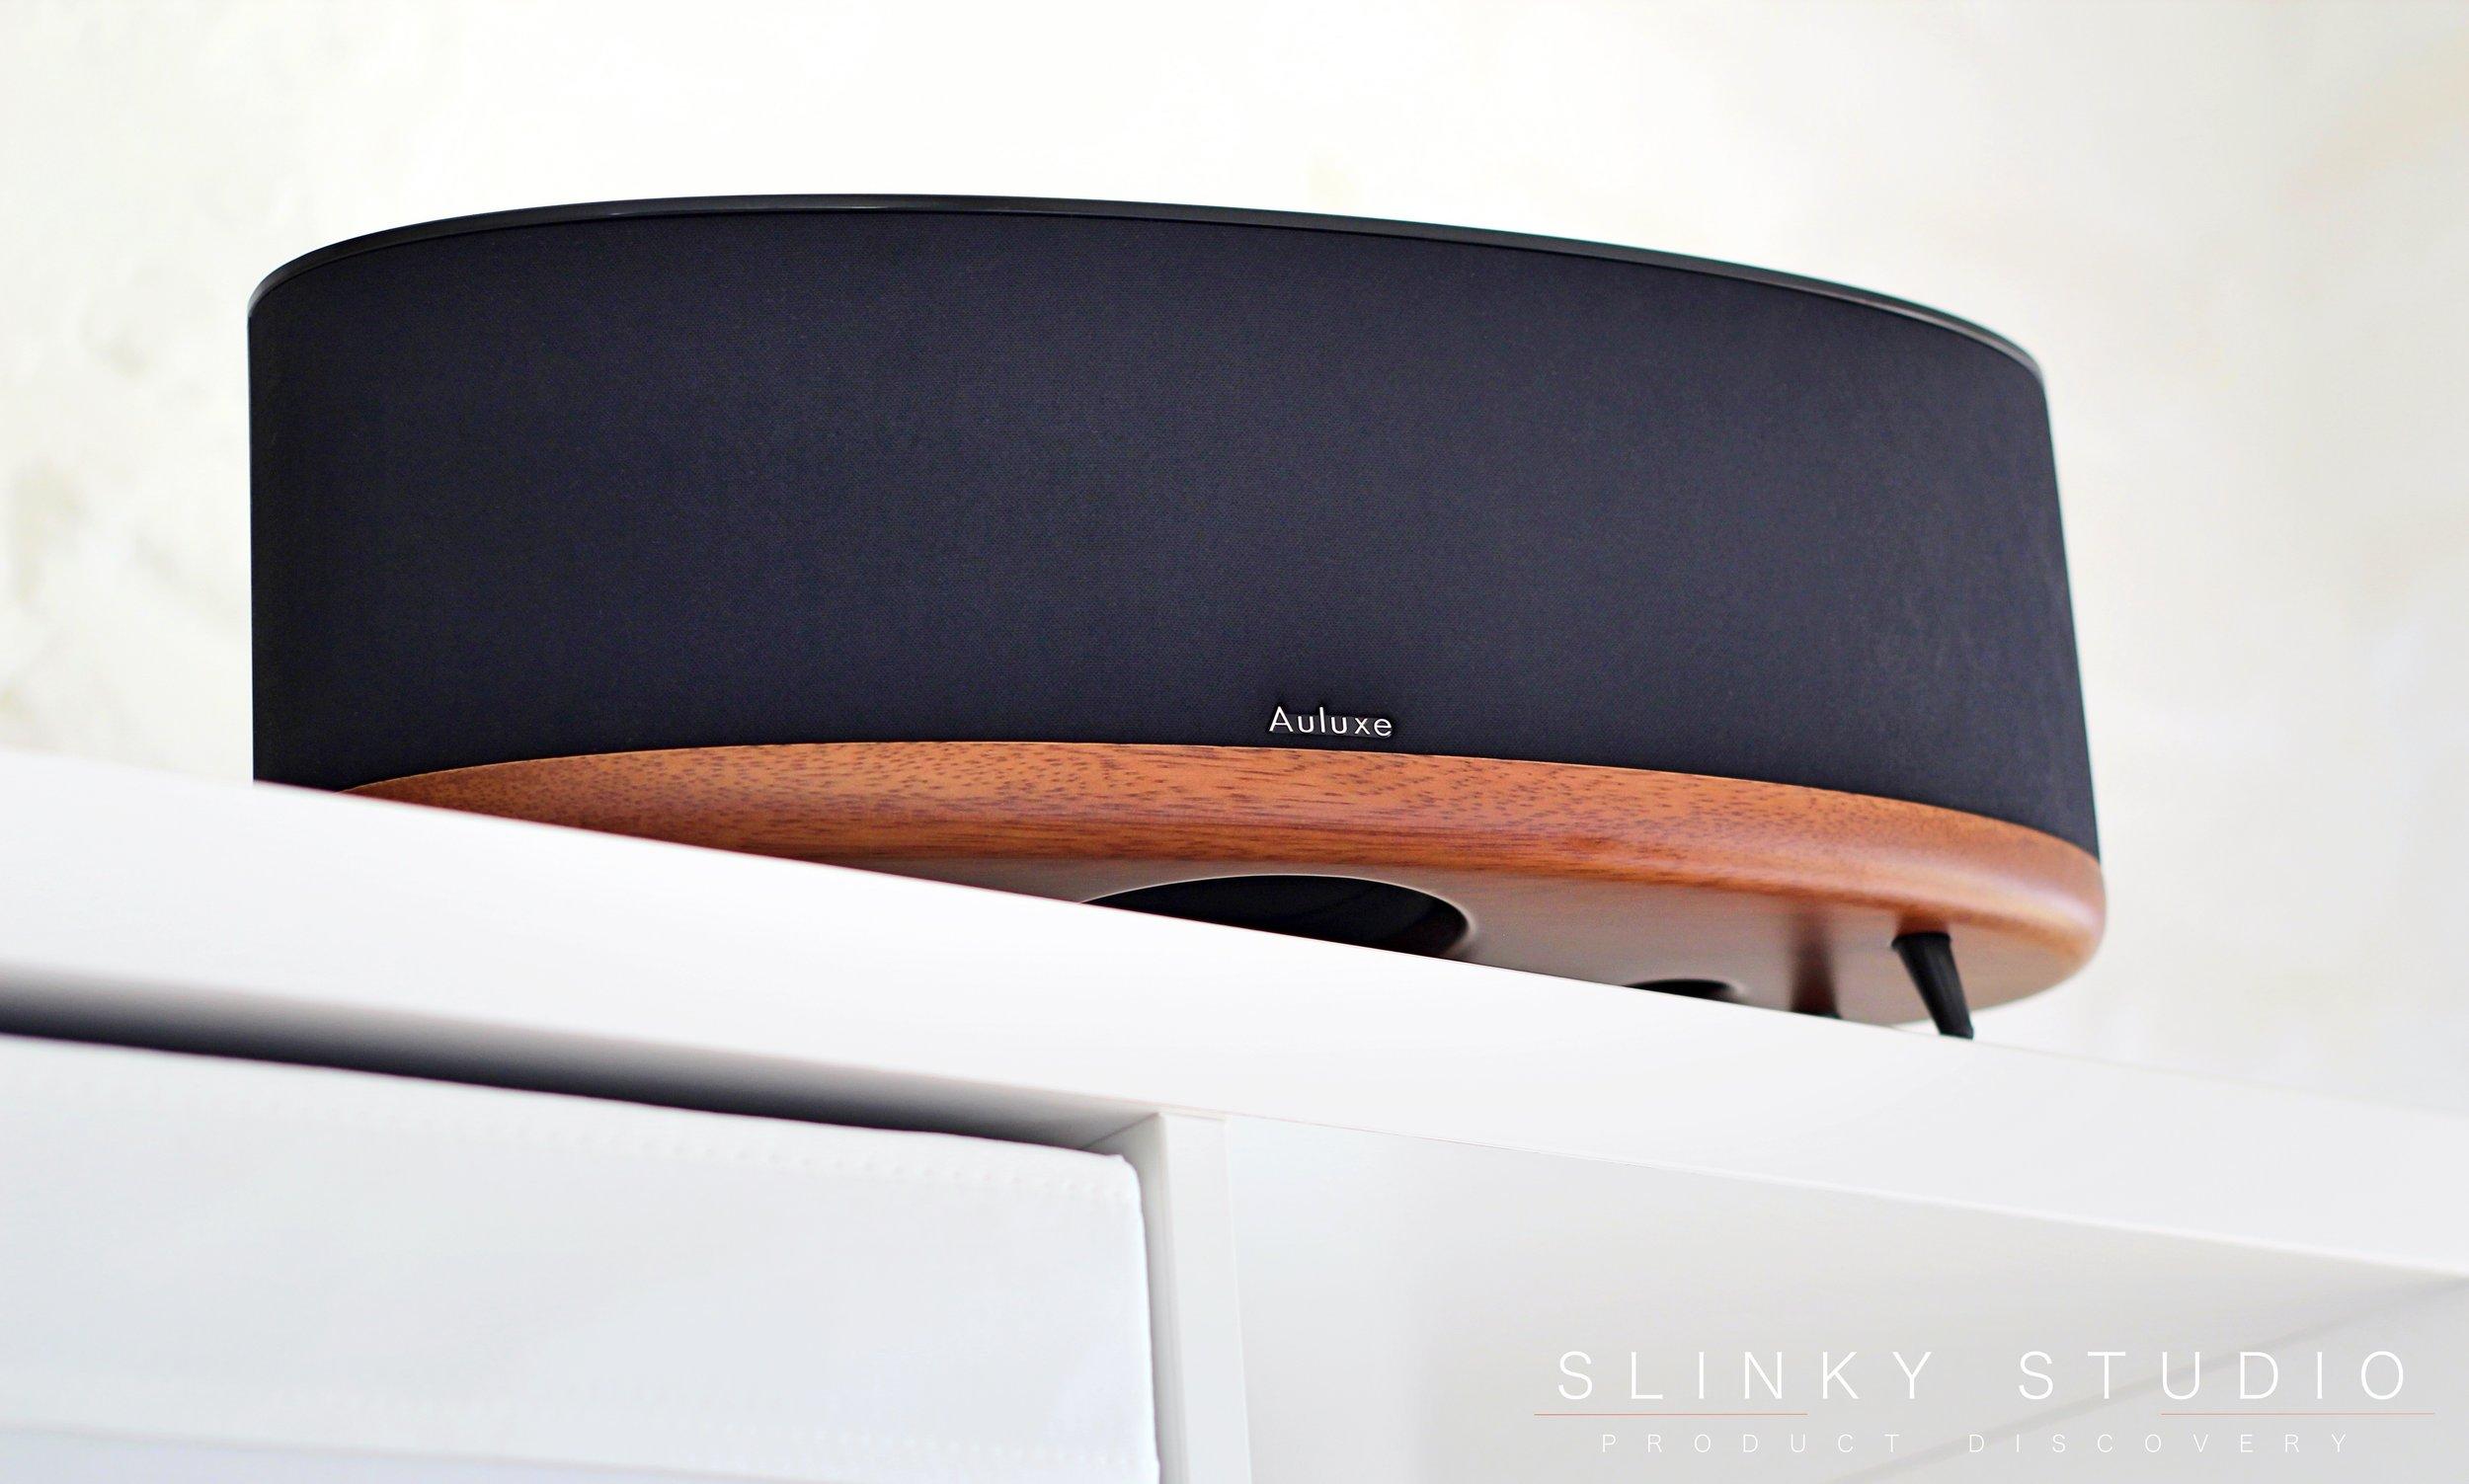 Auluxe Wave E3 Speaker Below View on white shelf.jpg